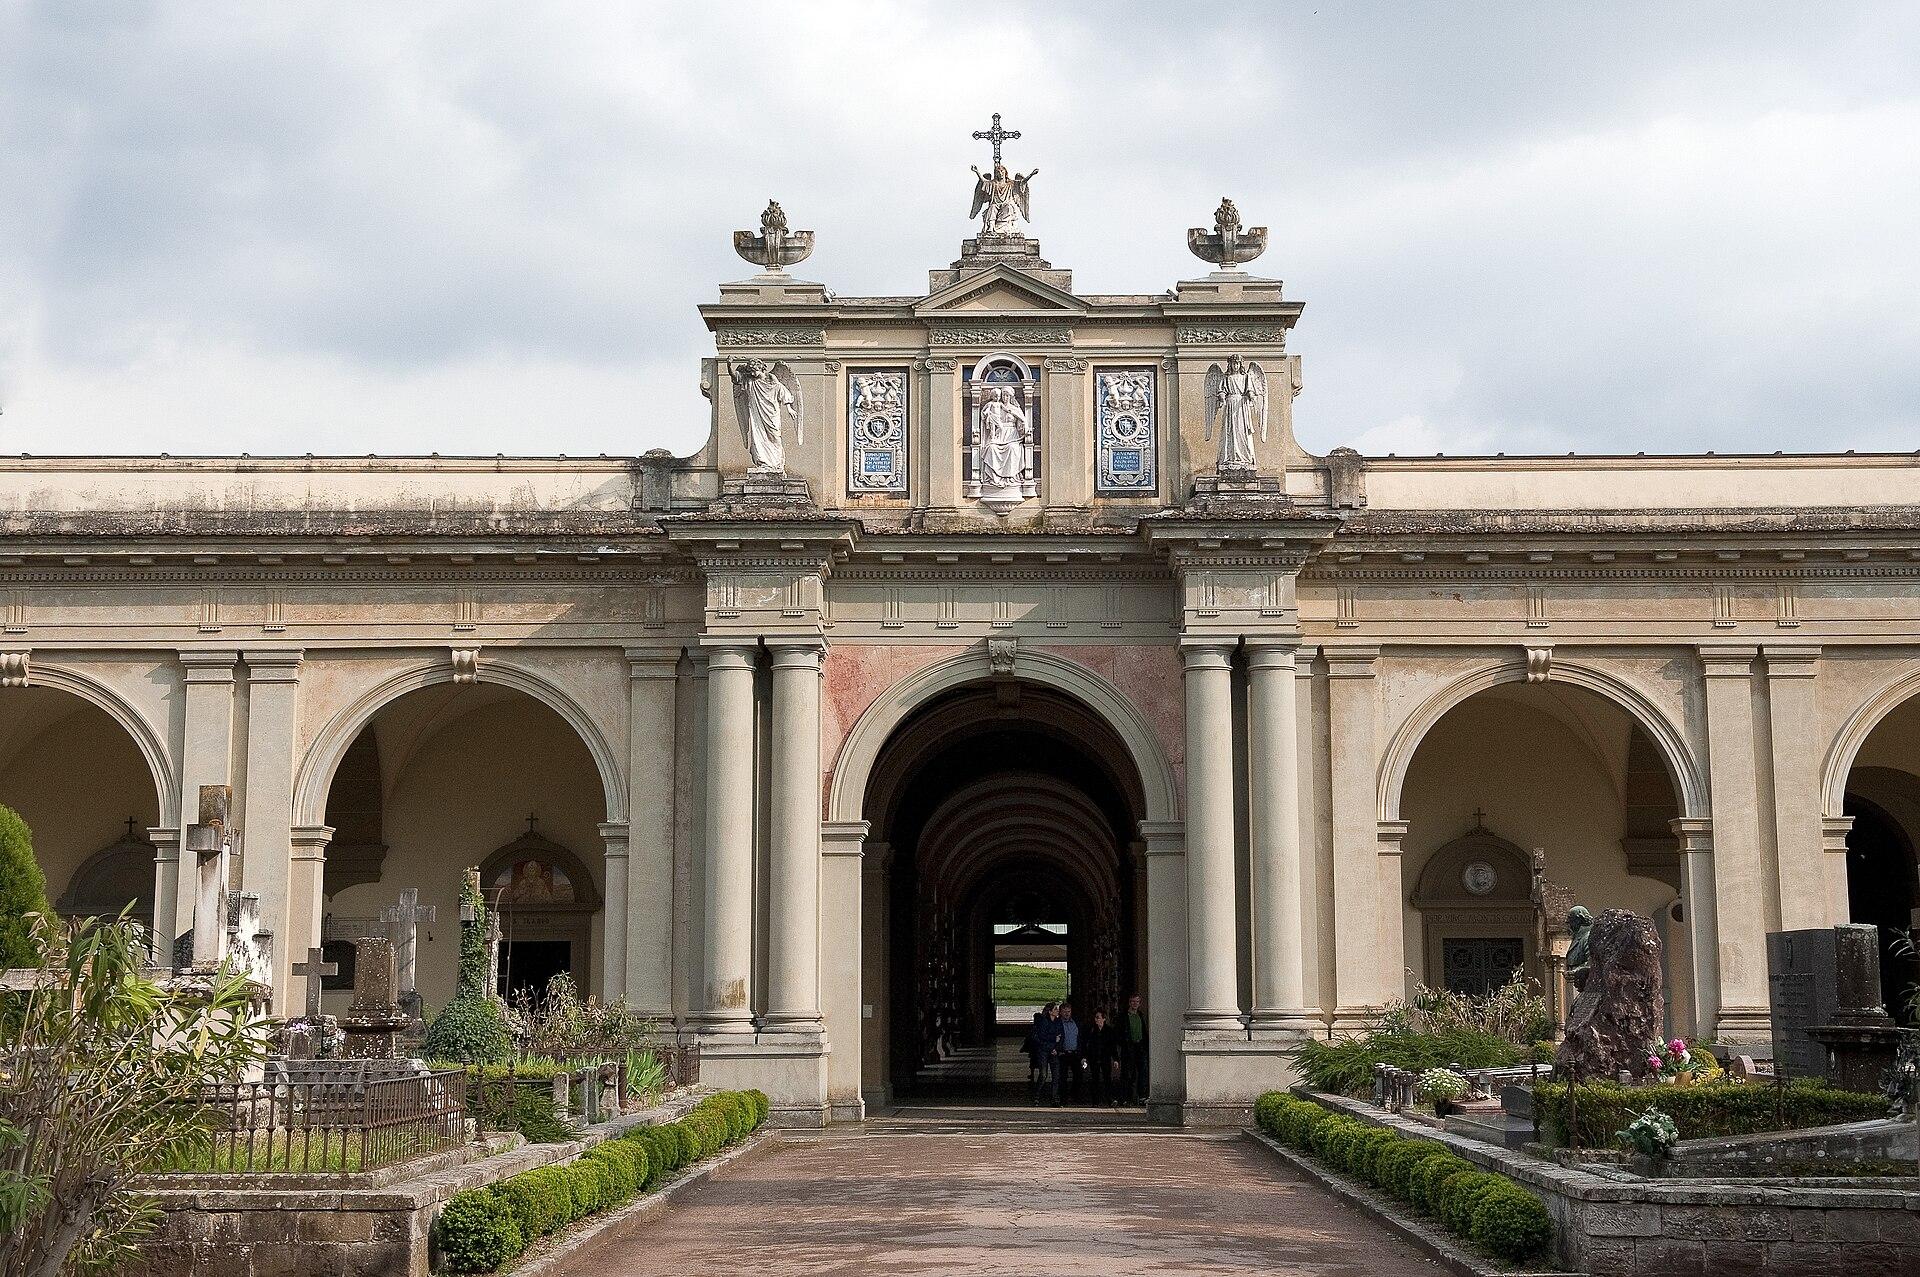 Cimitero monumentale della misericordia wikipedia - Misericordia bagno a ripoli ambulatori ...